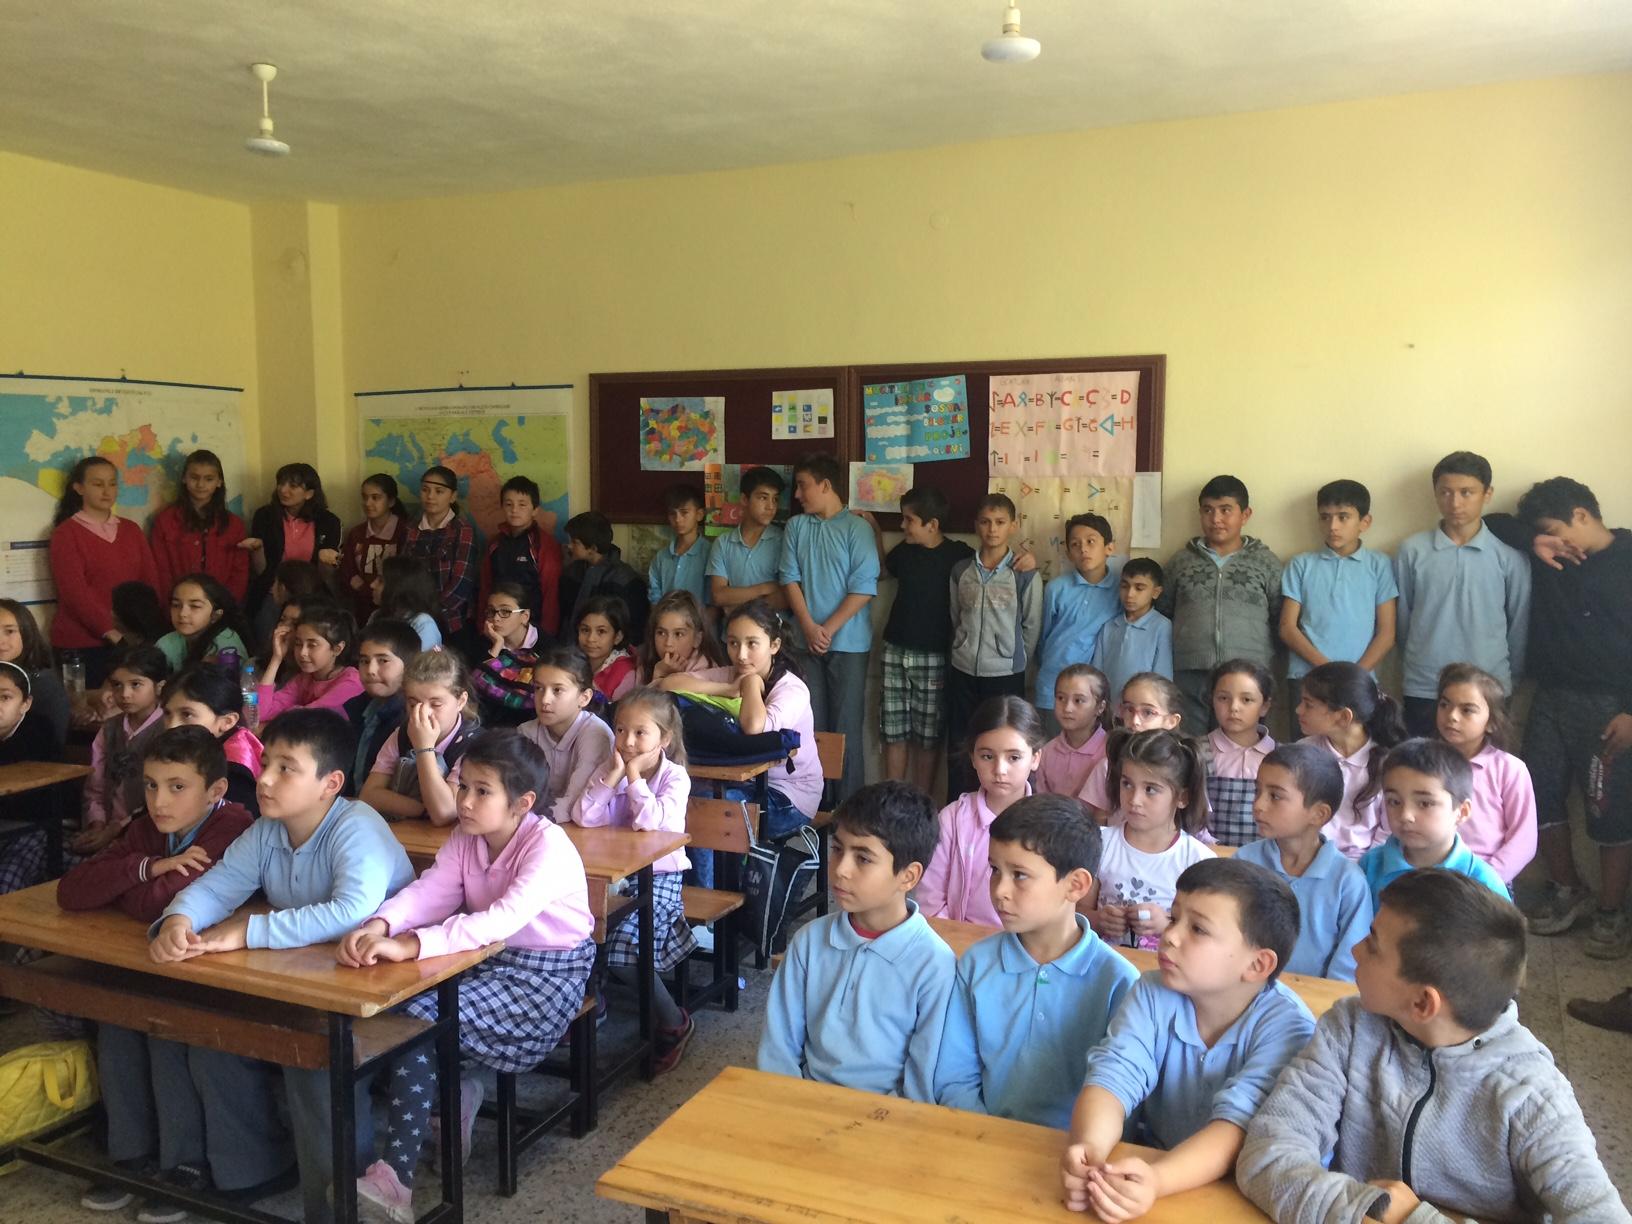 Kurucaşile İlyasgeçidi İlkokulu ve Ortaokulu'nda Sıfır Atık Konulu Eğitim Verildi